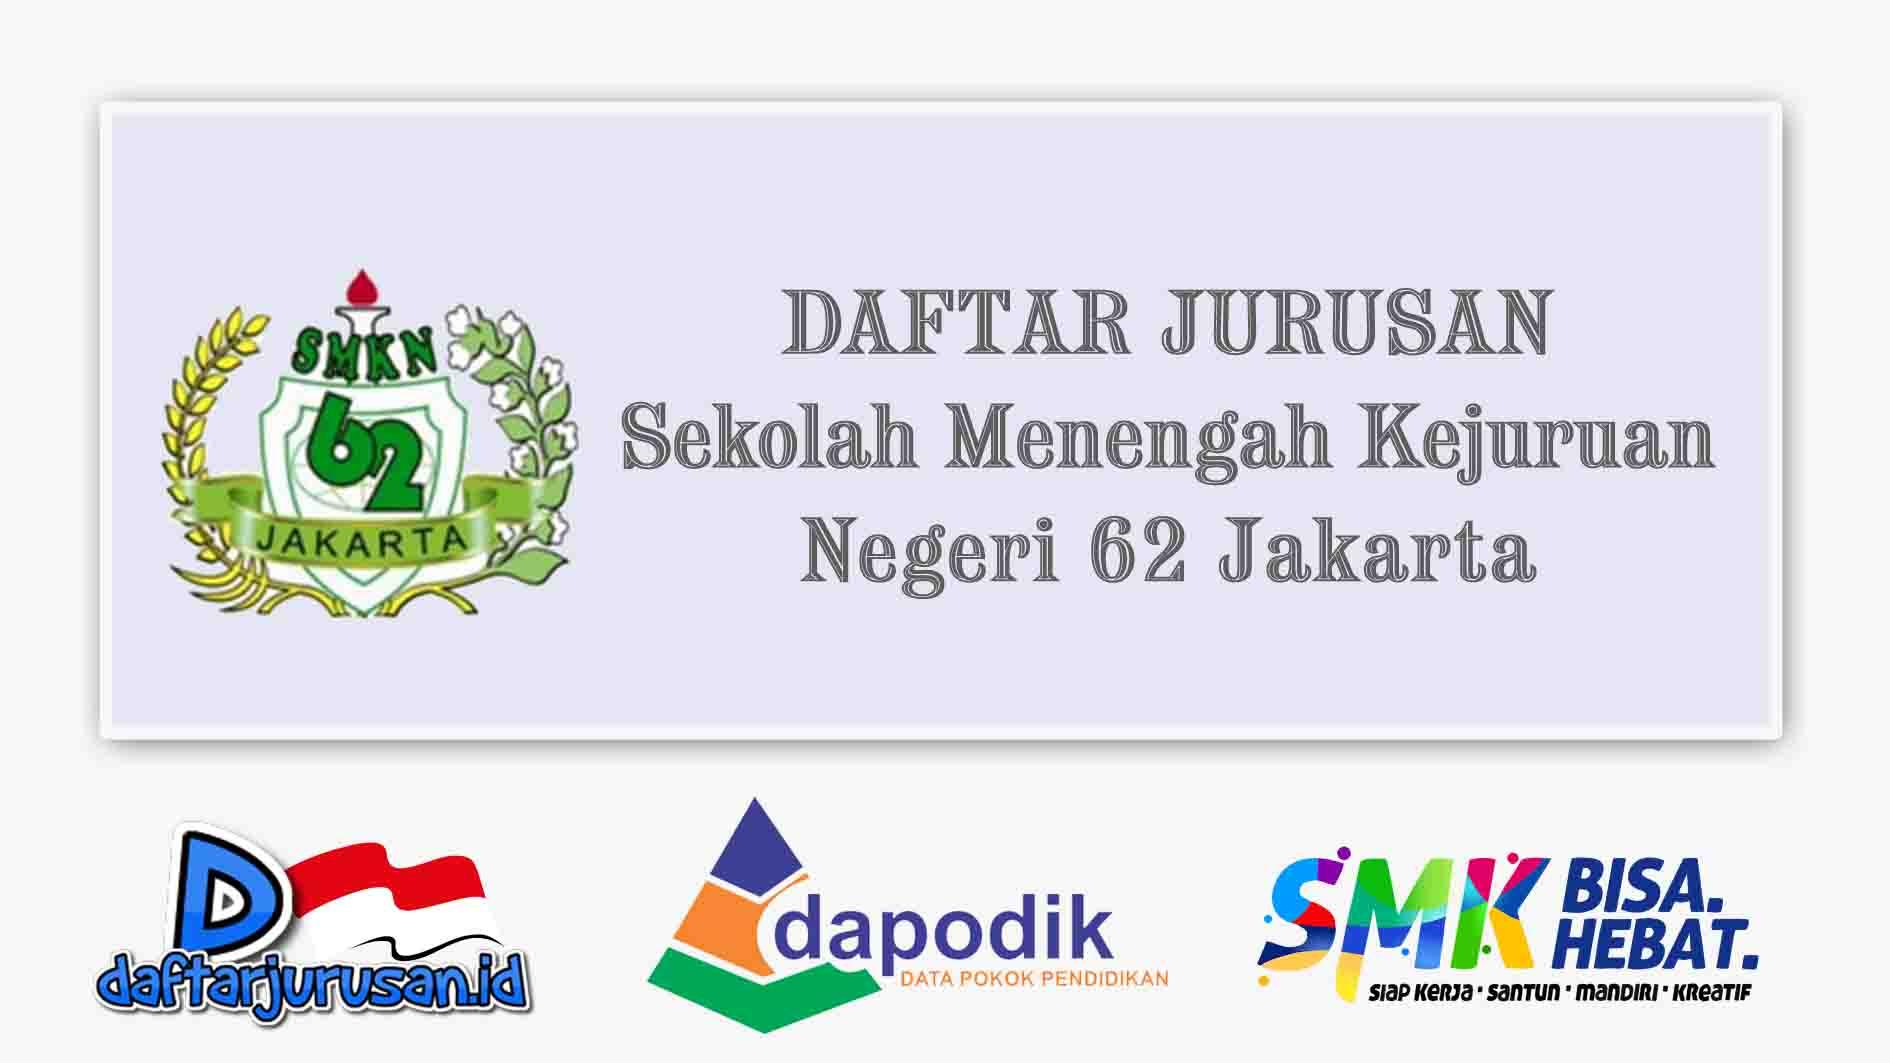 Daftar Jurusan SMK Negeri 62 Jakarta Selatan